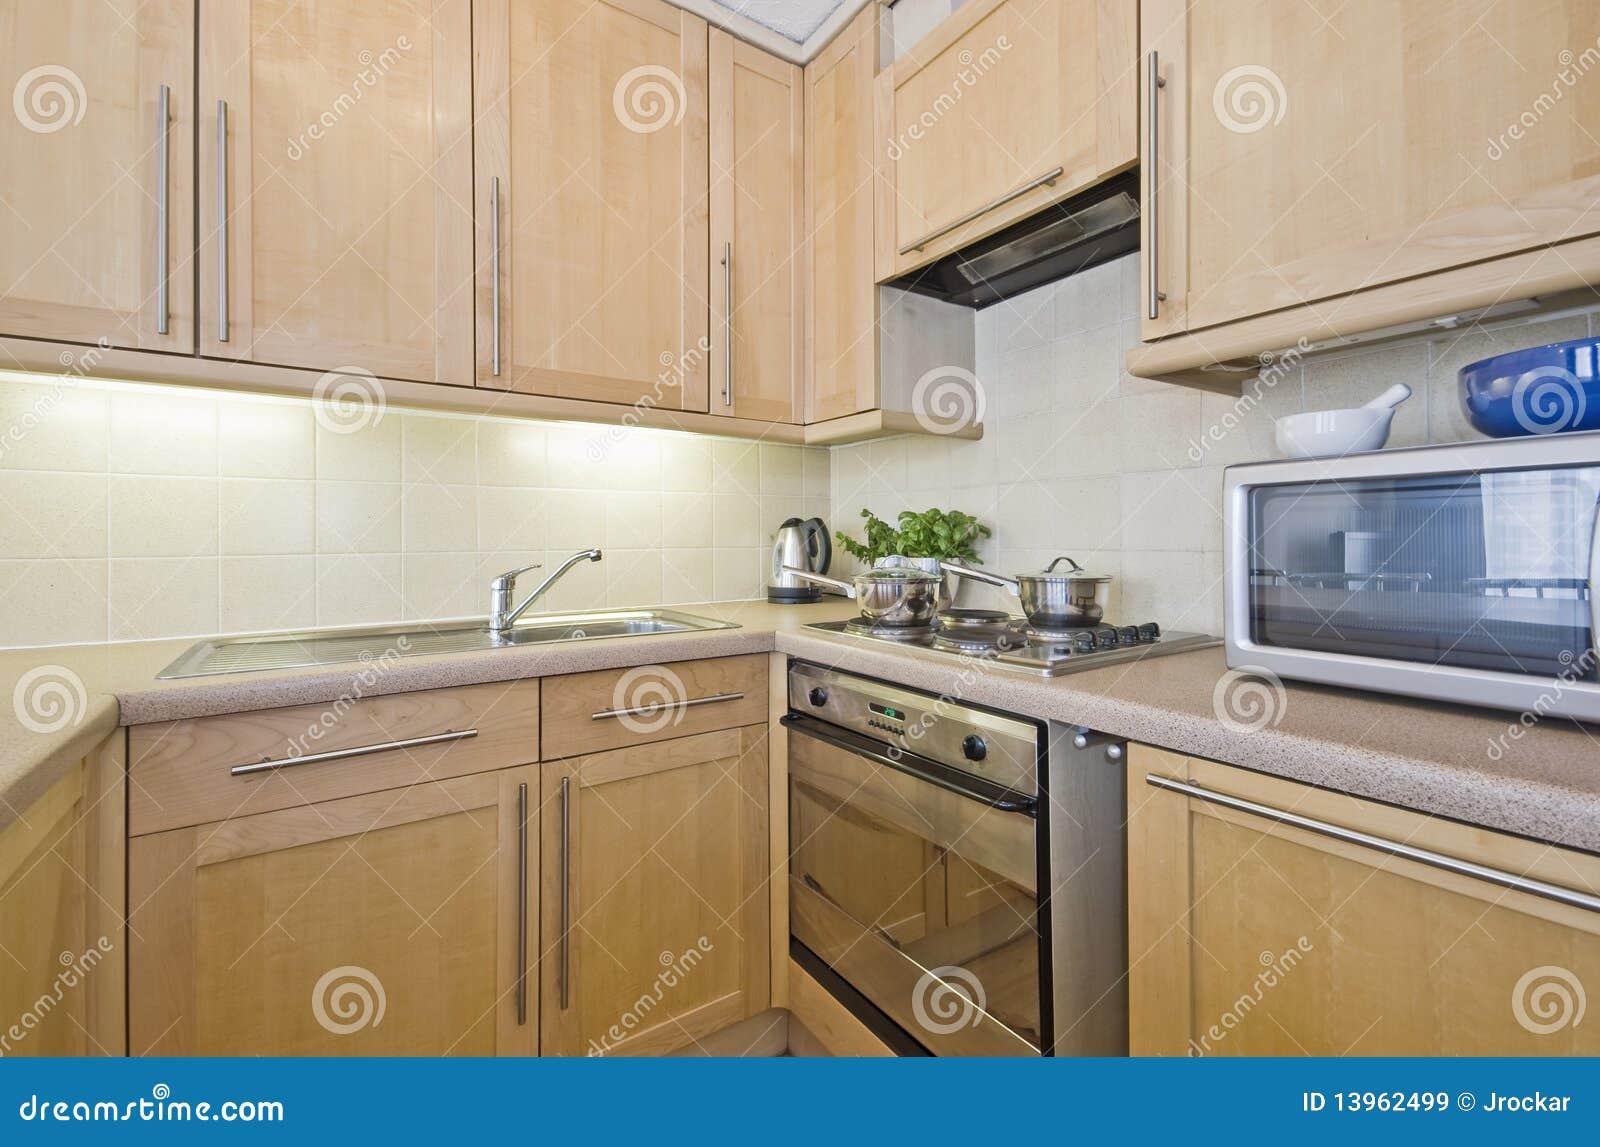 L ment de cuisine images libres de droits image 13962499 for Element de cuisine independant